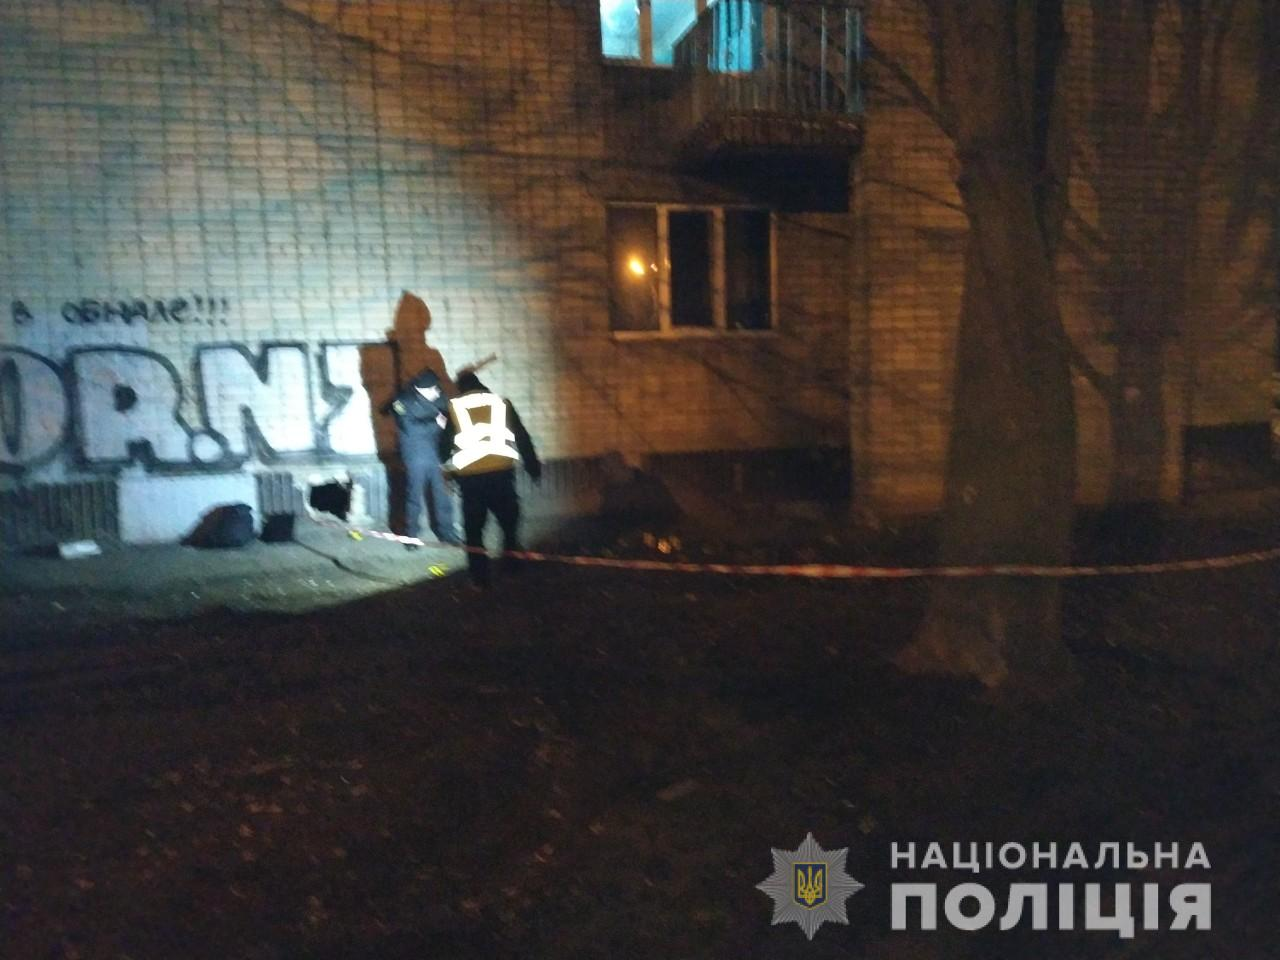 В Харькове два брата погибли от наркотиков (фото)